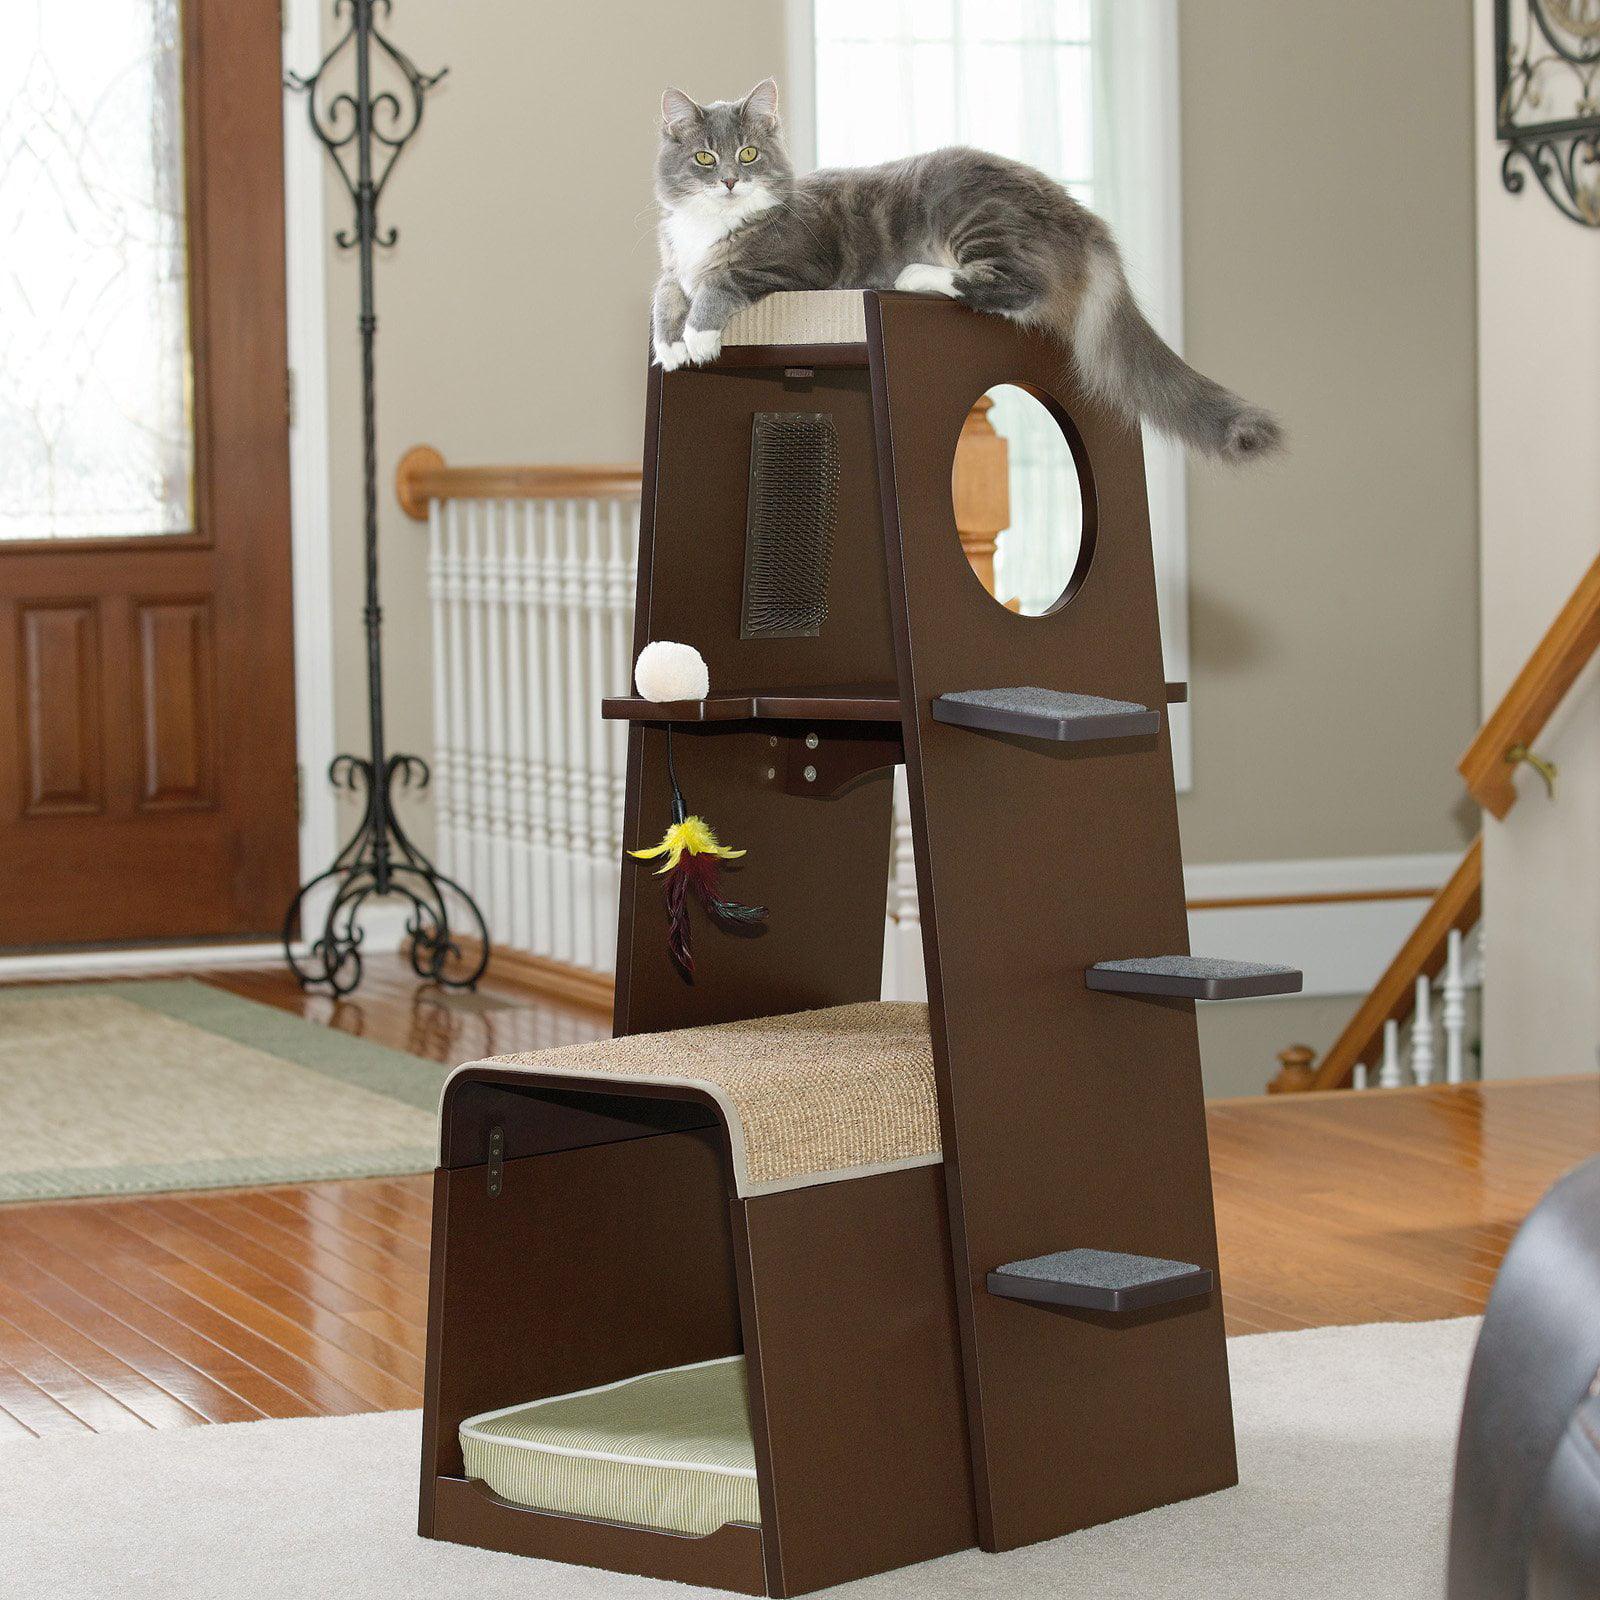 Sauder woodworking modular 42 in modern cat tower walmart com